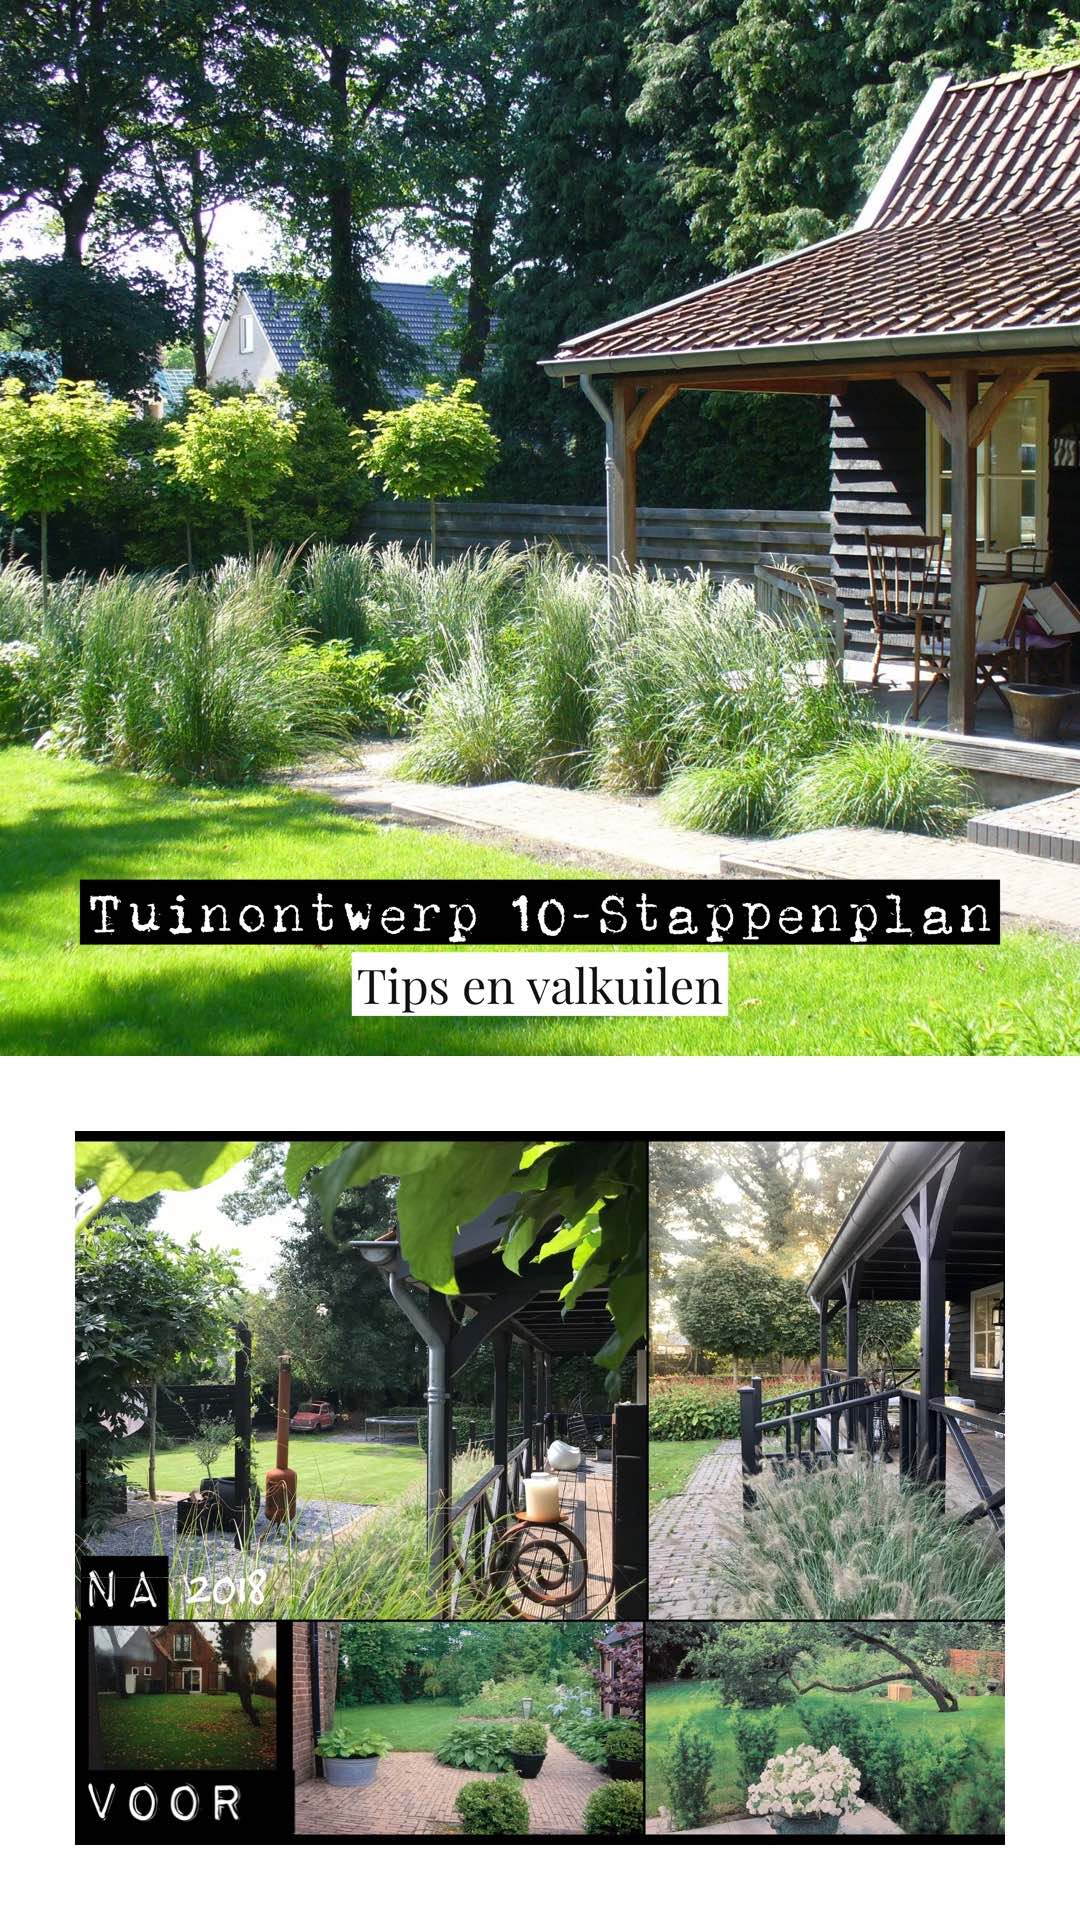 Tuinontwerpen,stappenplan, tips en valkuilen.